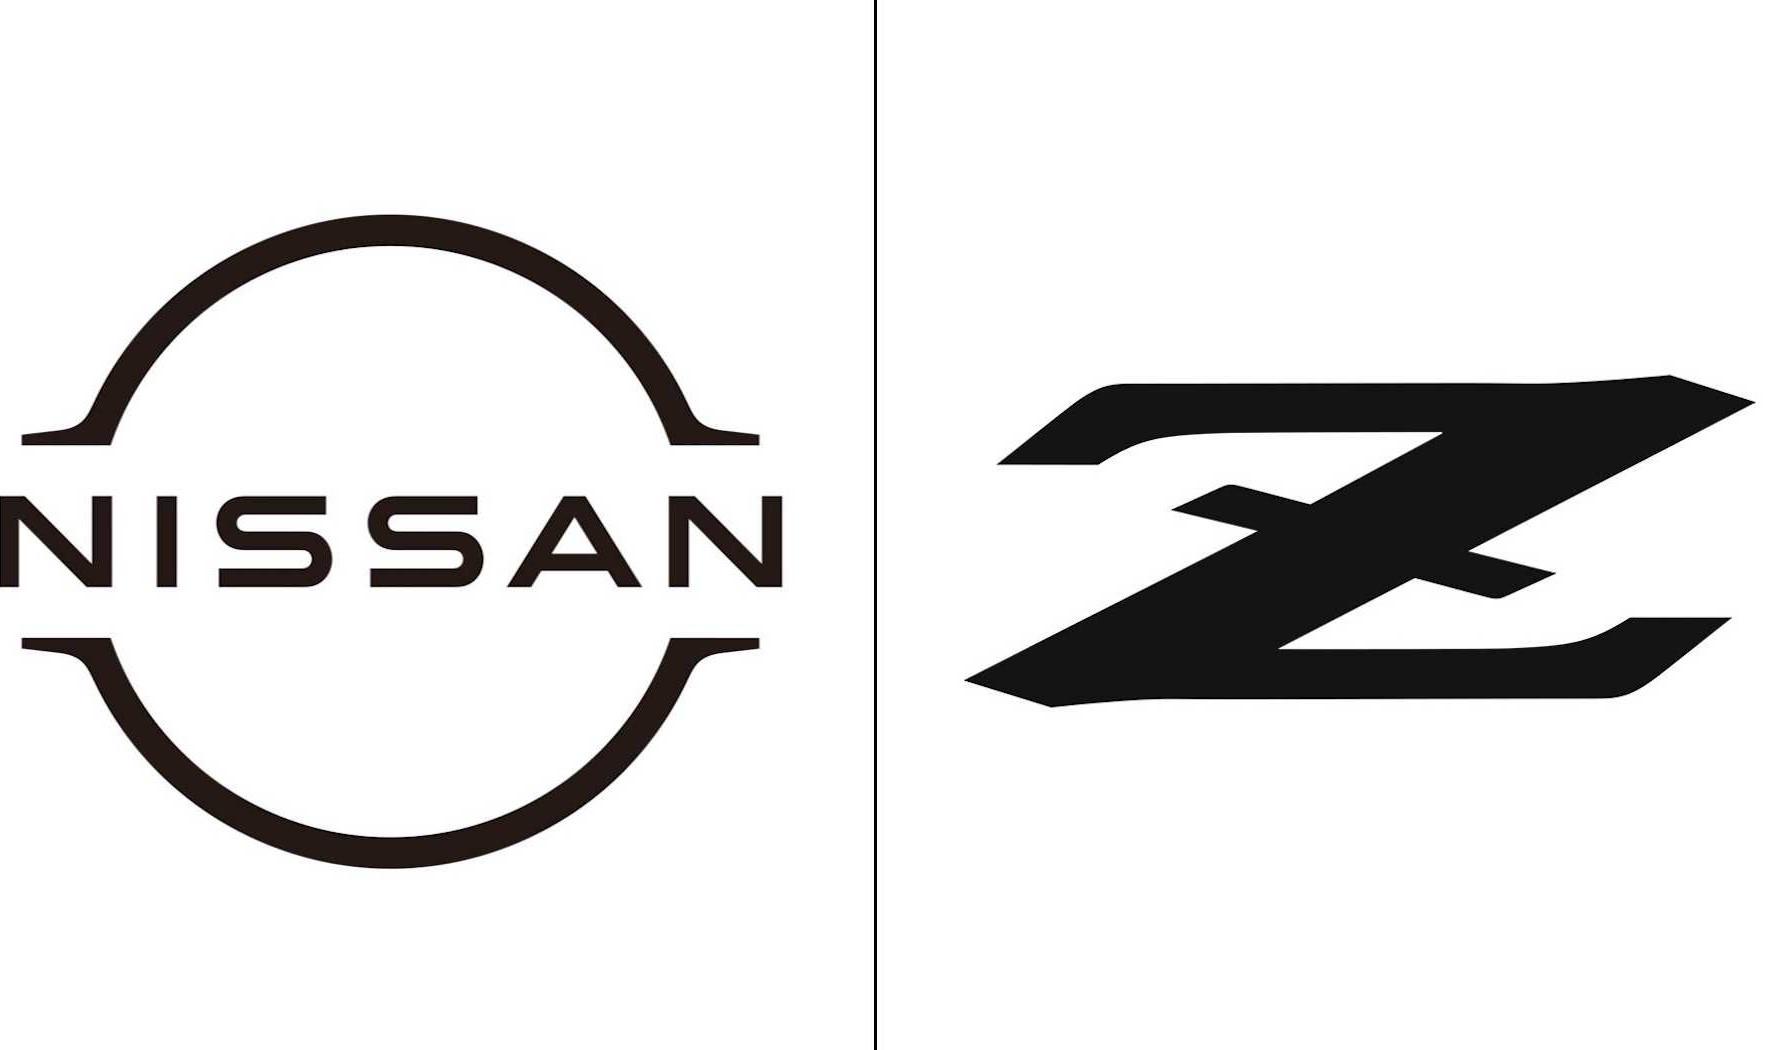 Corona Goyahkan Nissan, Alami Kerugian Tahun Ini USD 4,5 Miliar - JPNN.com